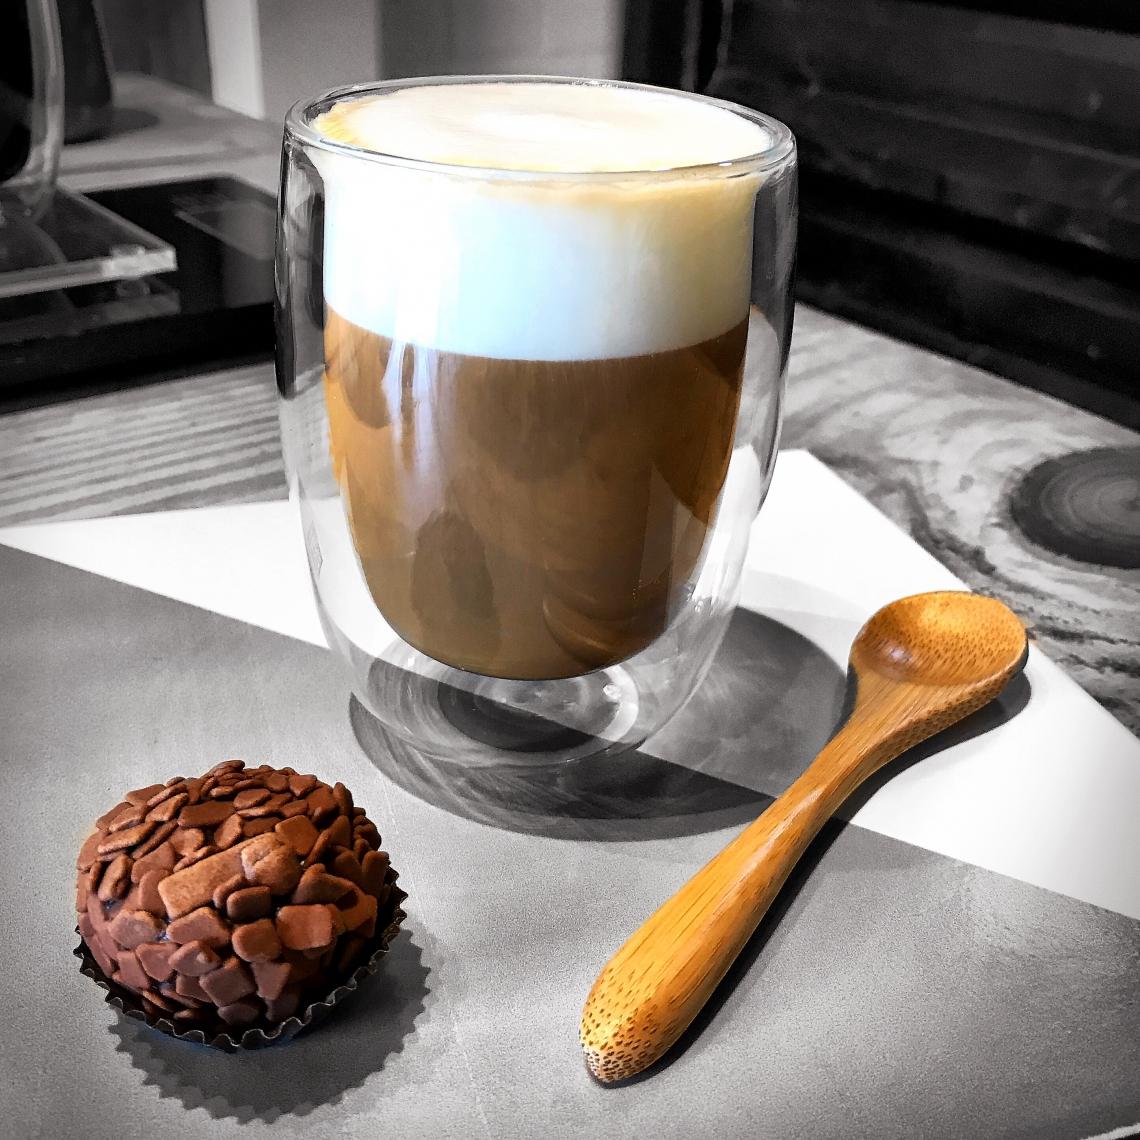 O  Cibo Café é conduzido pelo chef Rodrigo Holanda e pela nutricionista Rafaele Zanita